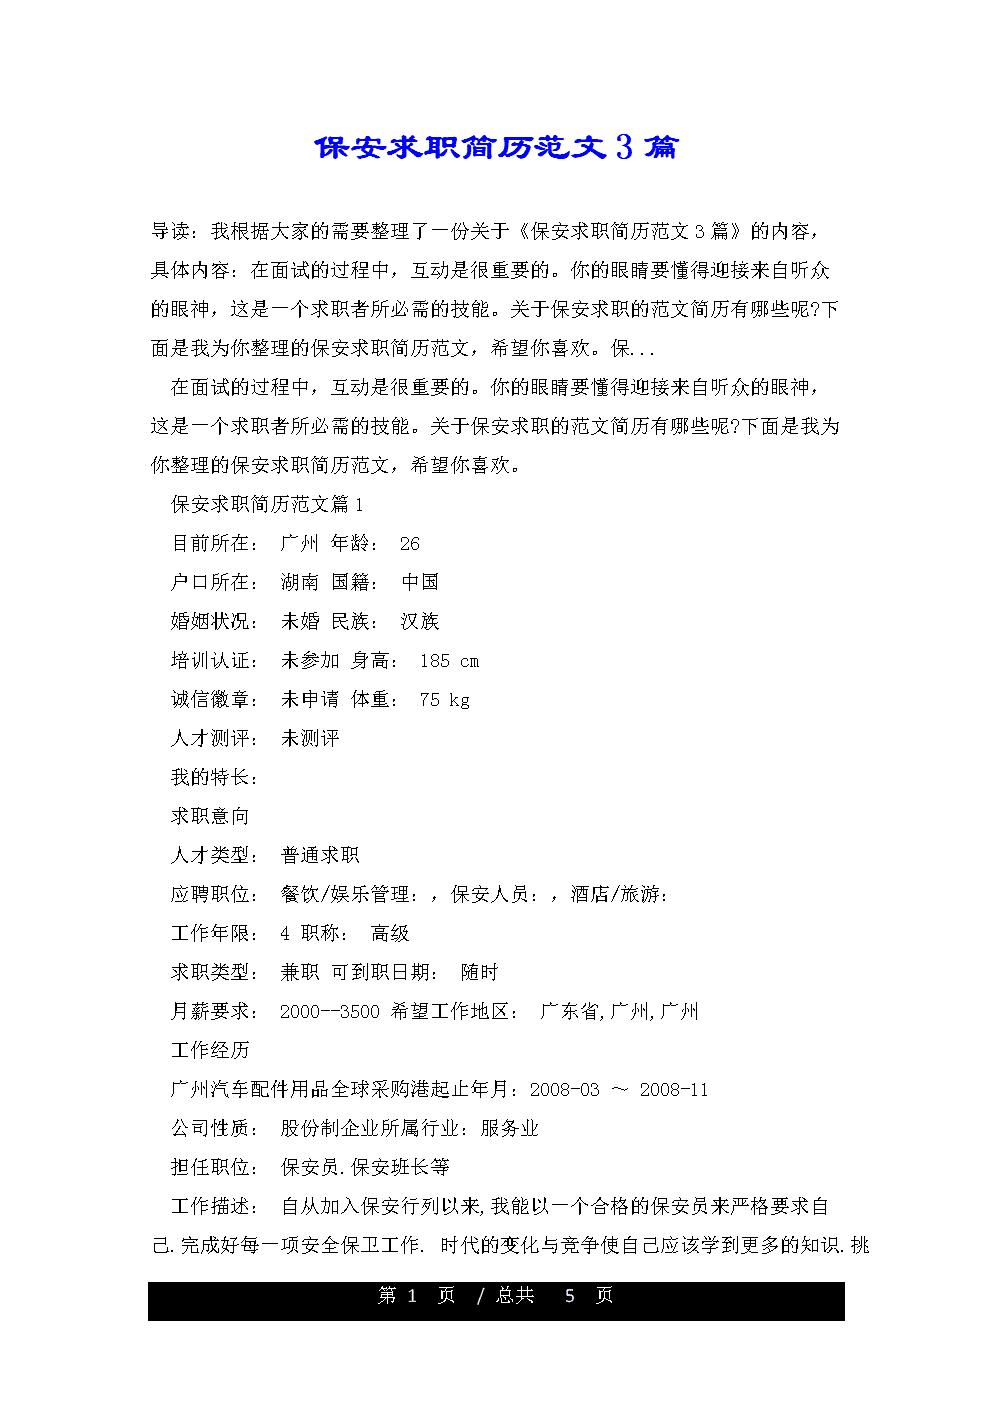 保安求职简历范文3篇.doc